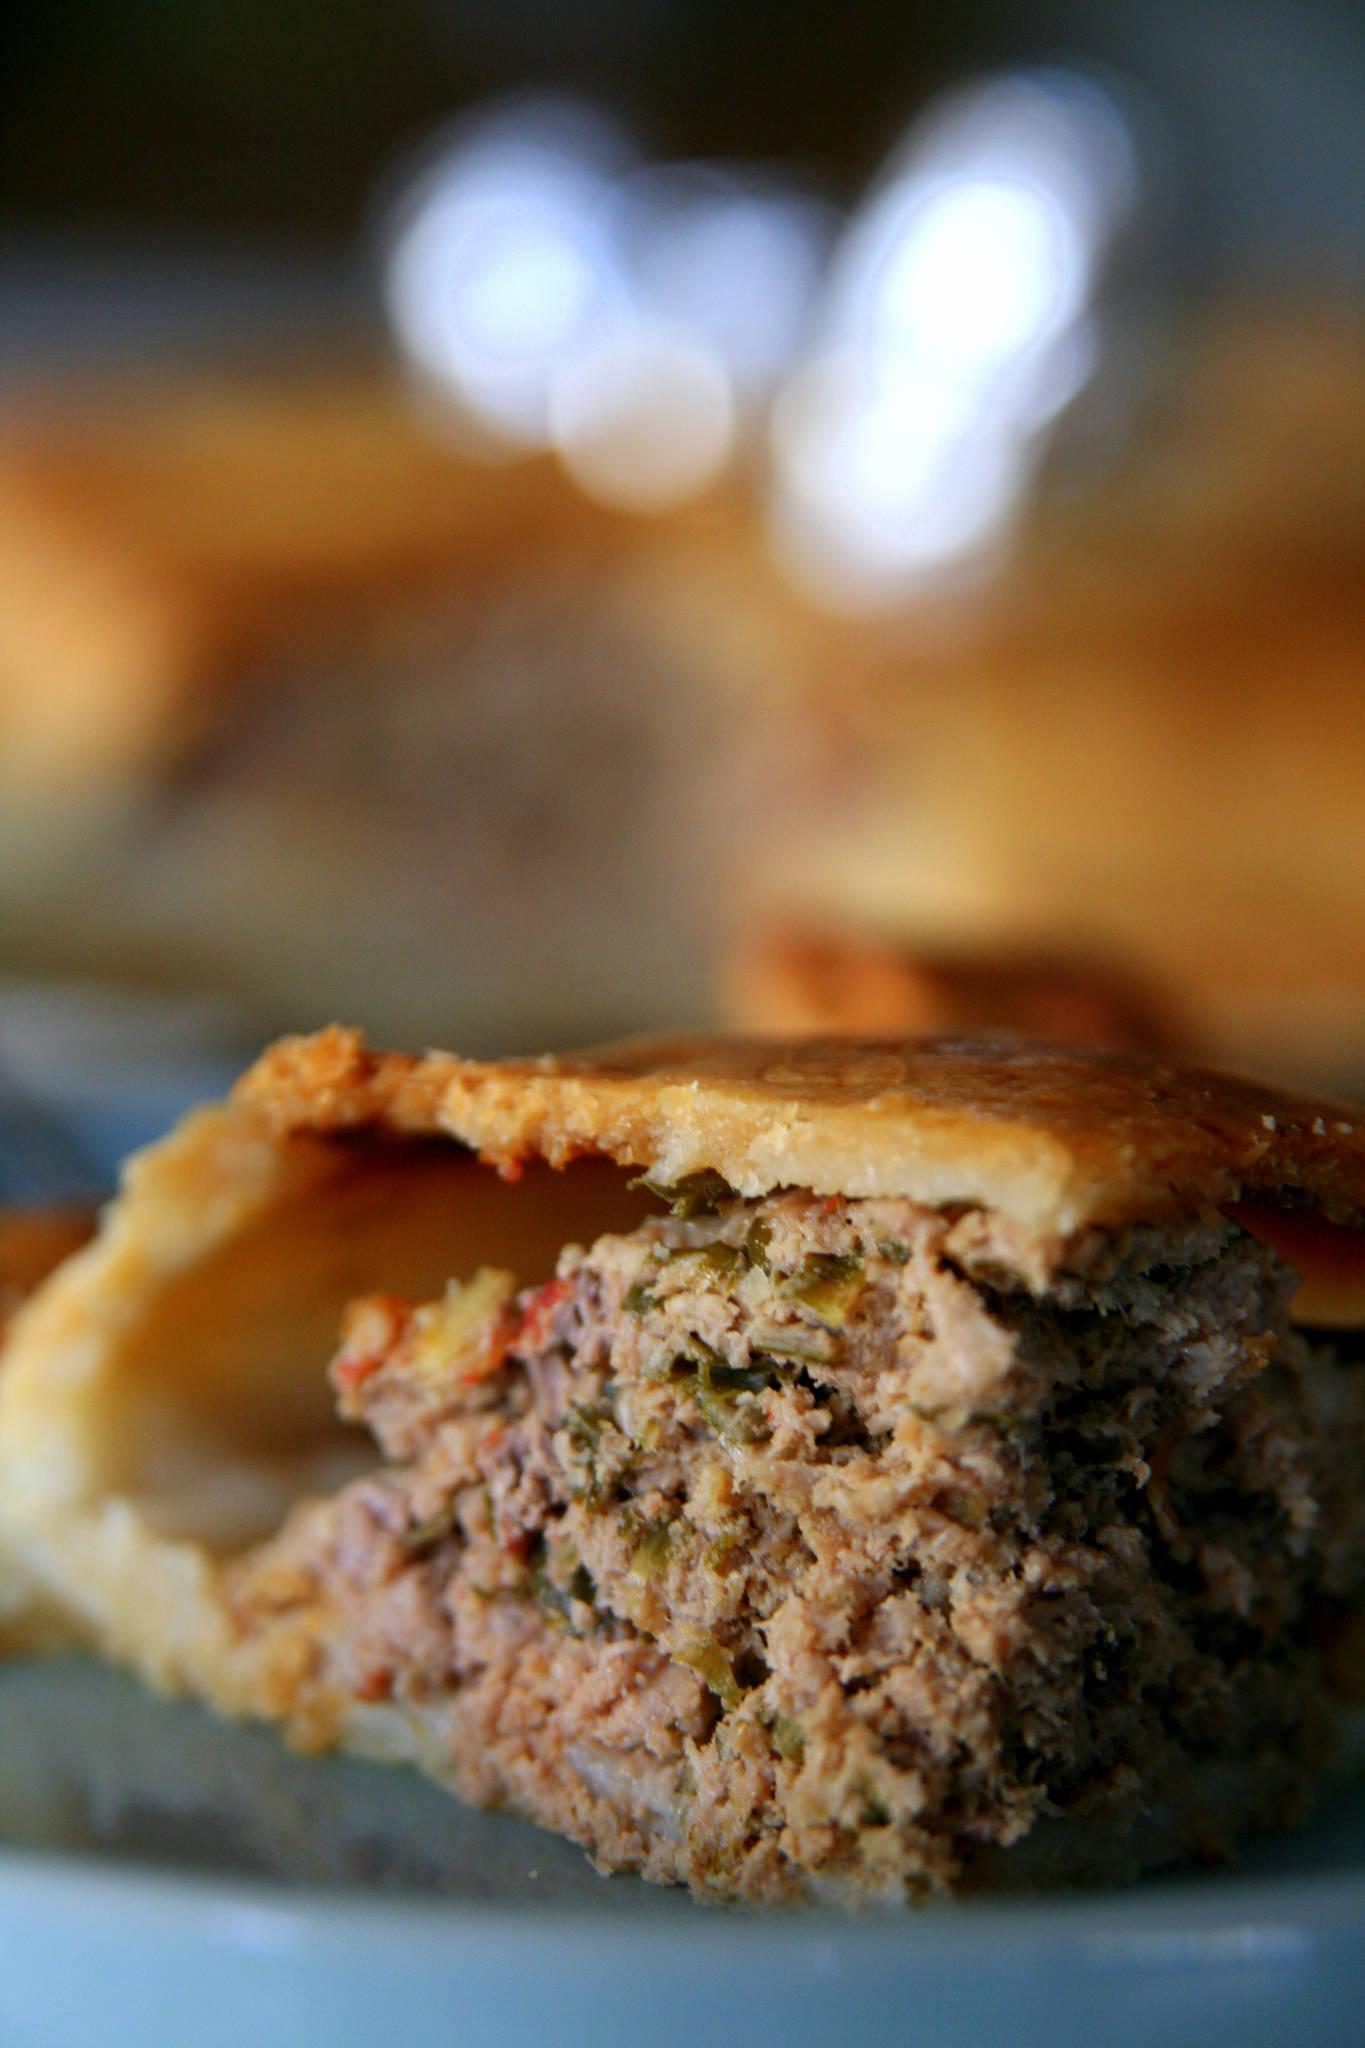 Grand empanada au boeuf et aux oignons